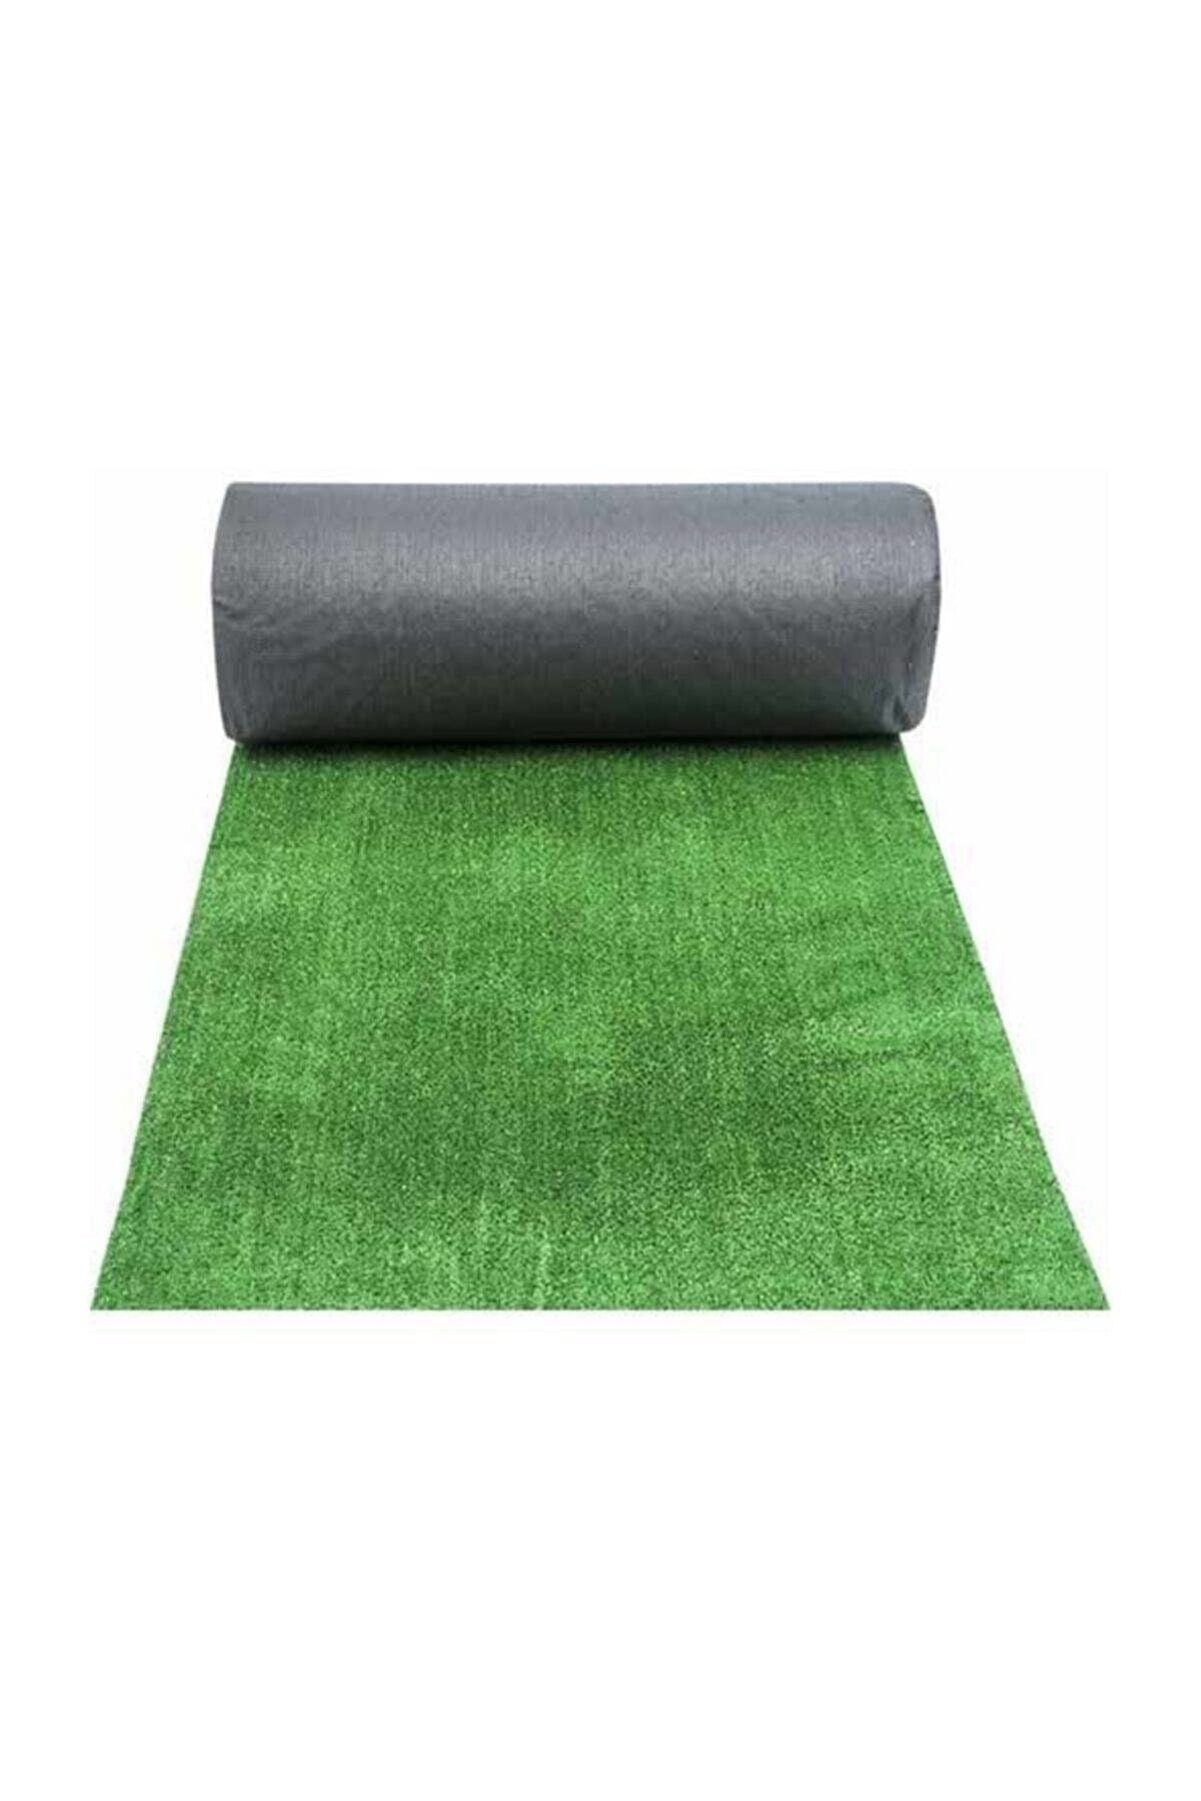 forfloor Yapay Çim Halı Yeşil 7mm Kalınlık - Eni 200cm